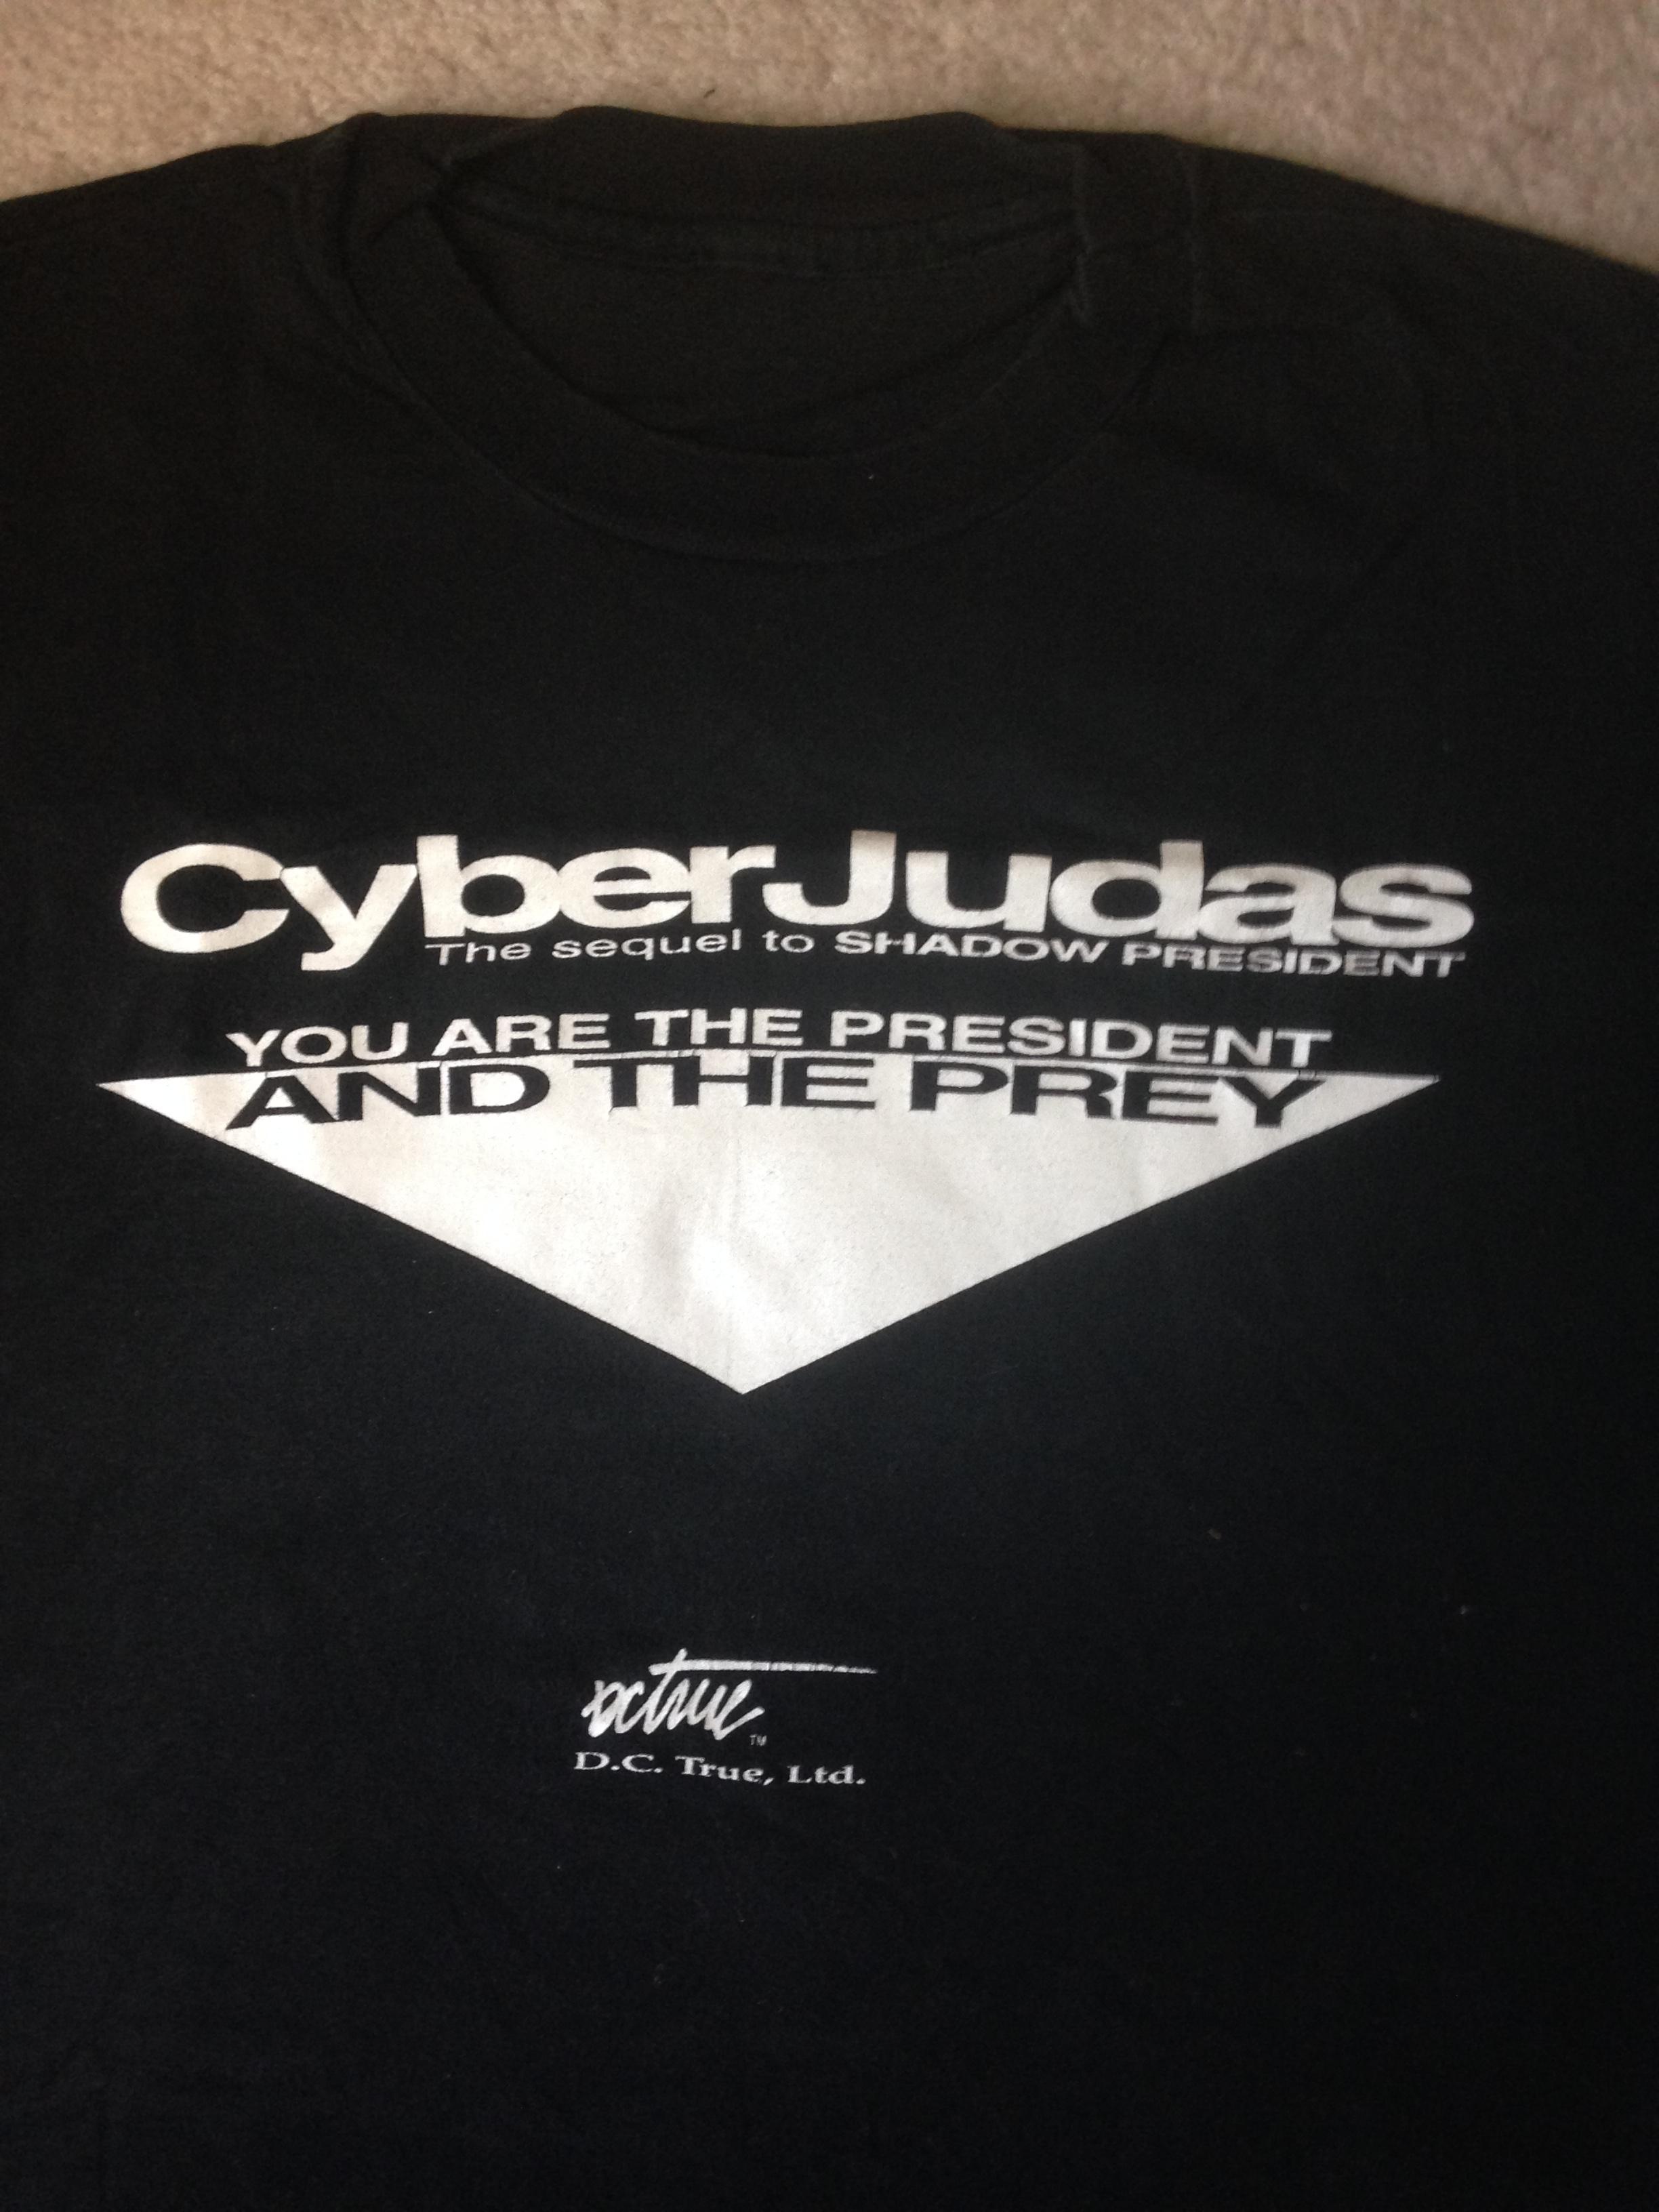 CyberJudas t-shirt